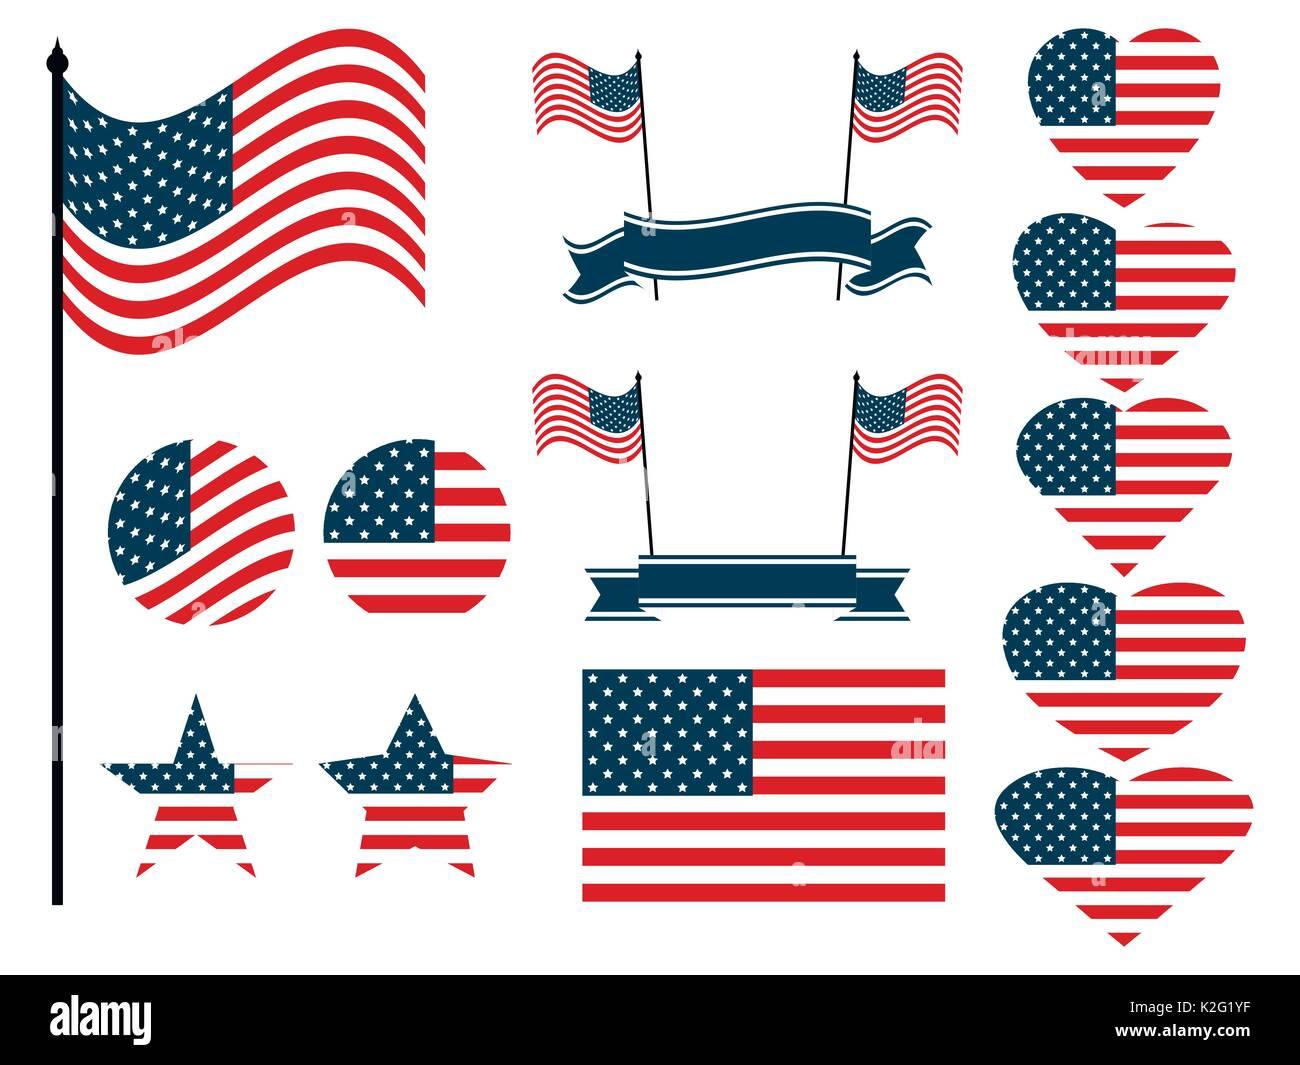 Gemütlich Flagge Der Vereinigten Staaten Vorlage Fotos - Beispiel ...